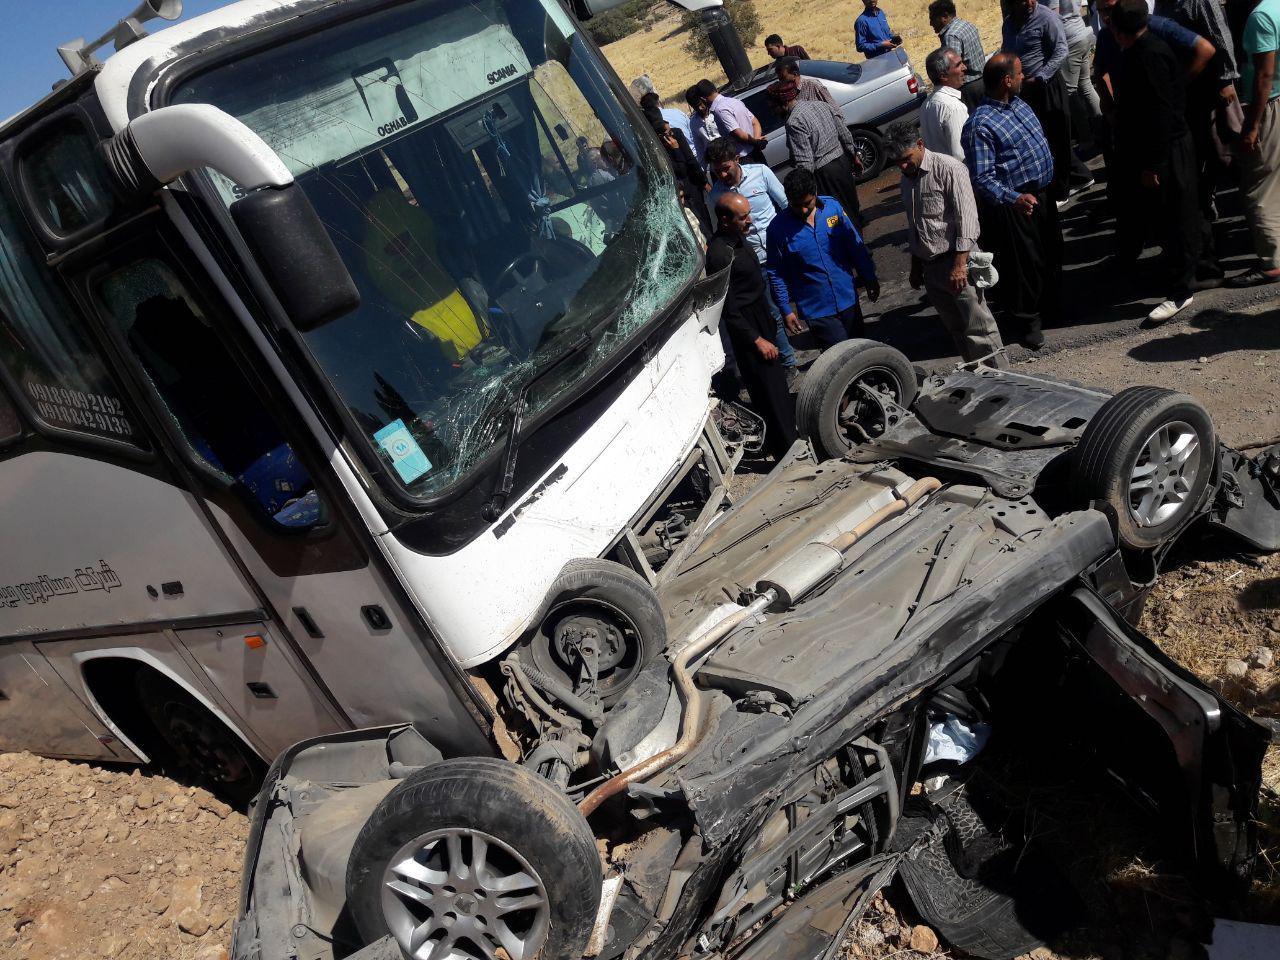 ۱۱ کشته و زخمی بر اثر برخورد اتوبوس با سه خودرو سواری+تصاویر